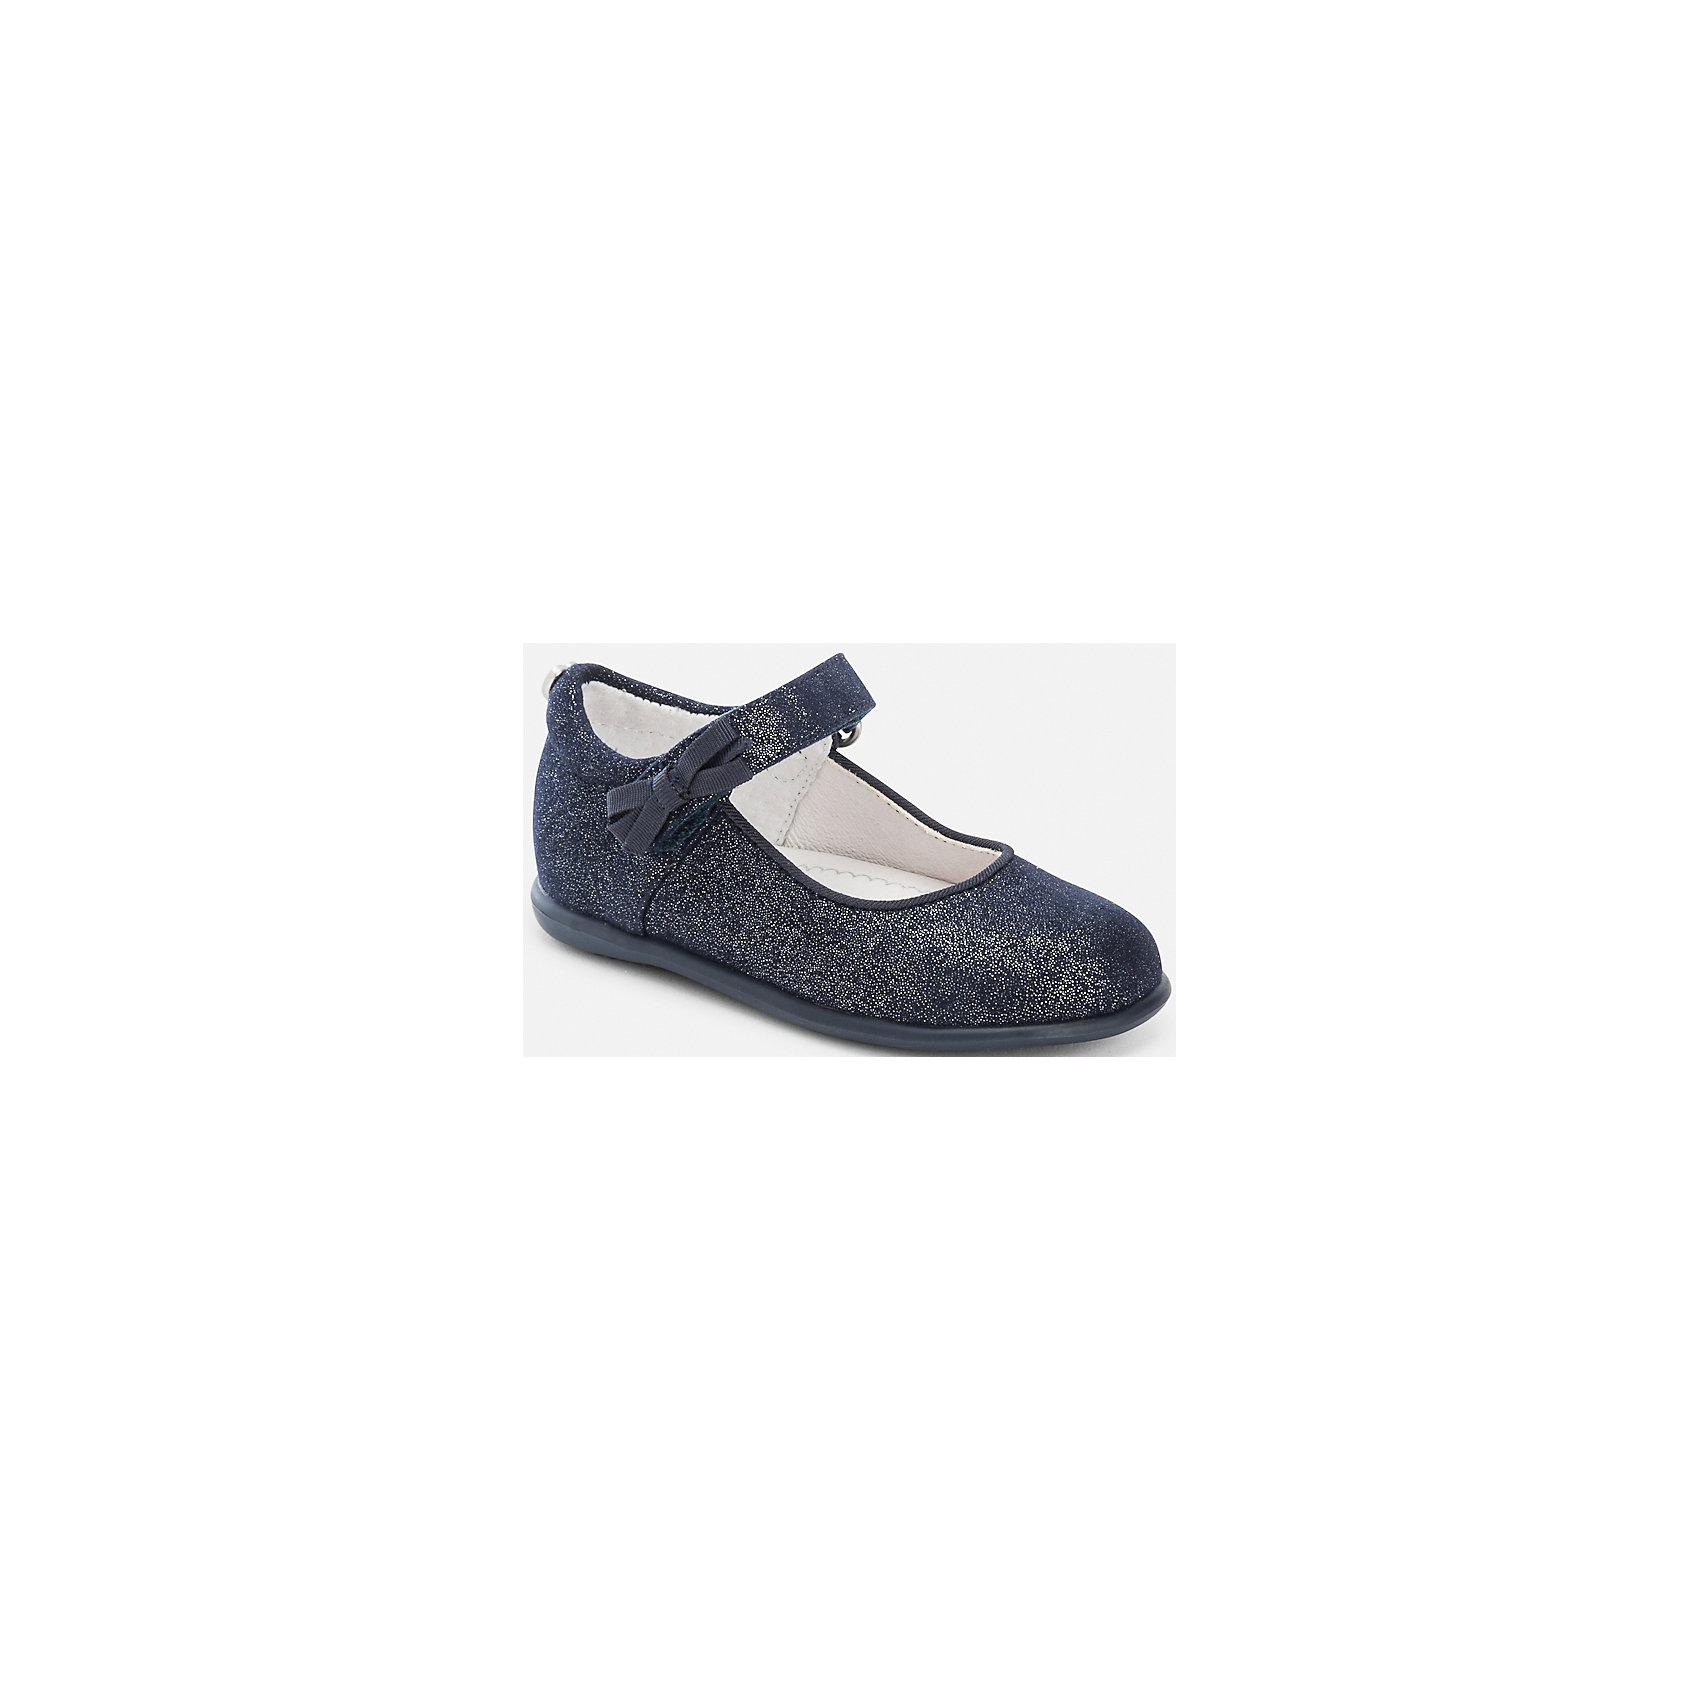 Туфли для девочки MayoralОбувь<br>Туфли для девочки Mayoral от известного испанского бренда Mayoral выполнены из материалов высокого качества: верхняя часть туфелек из экологически безопасного синтетического материала, внутренняя часть из кожи, подошва из антискользящего прорезиненного материала. Обувь имеет анатомически правильную форму, повышенную полноту и застежки на липучке, за счет чего они хорошо садятся на детские ножки. На застежке имеется декоративный бант, а на пятке металлическое сердечко. В туфельках от Mayoral вашей малышке будет удобно и комфортно!<br><br>Дополнительная информация:<br><br>- Предназначение: повседневная обувь, праздничная обувь<br>- Цвет: темно-синий<br>- Пол: для девочки<br>- Сезон: лето<br><br>Подробнее:<br><br>• Для детей в возрасте: от 3 месяцев и до 24 месяцев<br>• Страна производитель: Китай<br>• Торговый бренд: Mayoral<br><br>Туфли для девочки Mayoral (Майорал) можно купить в нашем интернет-магазине.<br><br>Ширина мм: 227<br>Глубина мм: 145<br>Высота мм: 124<br>Вес г: 325<br>Цвет: синий<br>Возраст от месяцев: 12<br>Возраст до месяцев: 15<br>Пол: Женский<br>Возраст: Детский<br>Размер: 20,24,21,22,25,23,19<br>SKU: 4867478